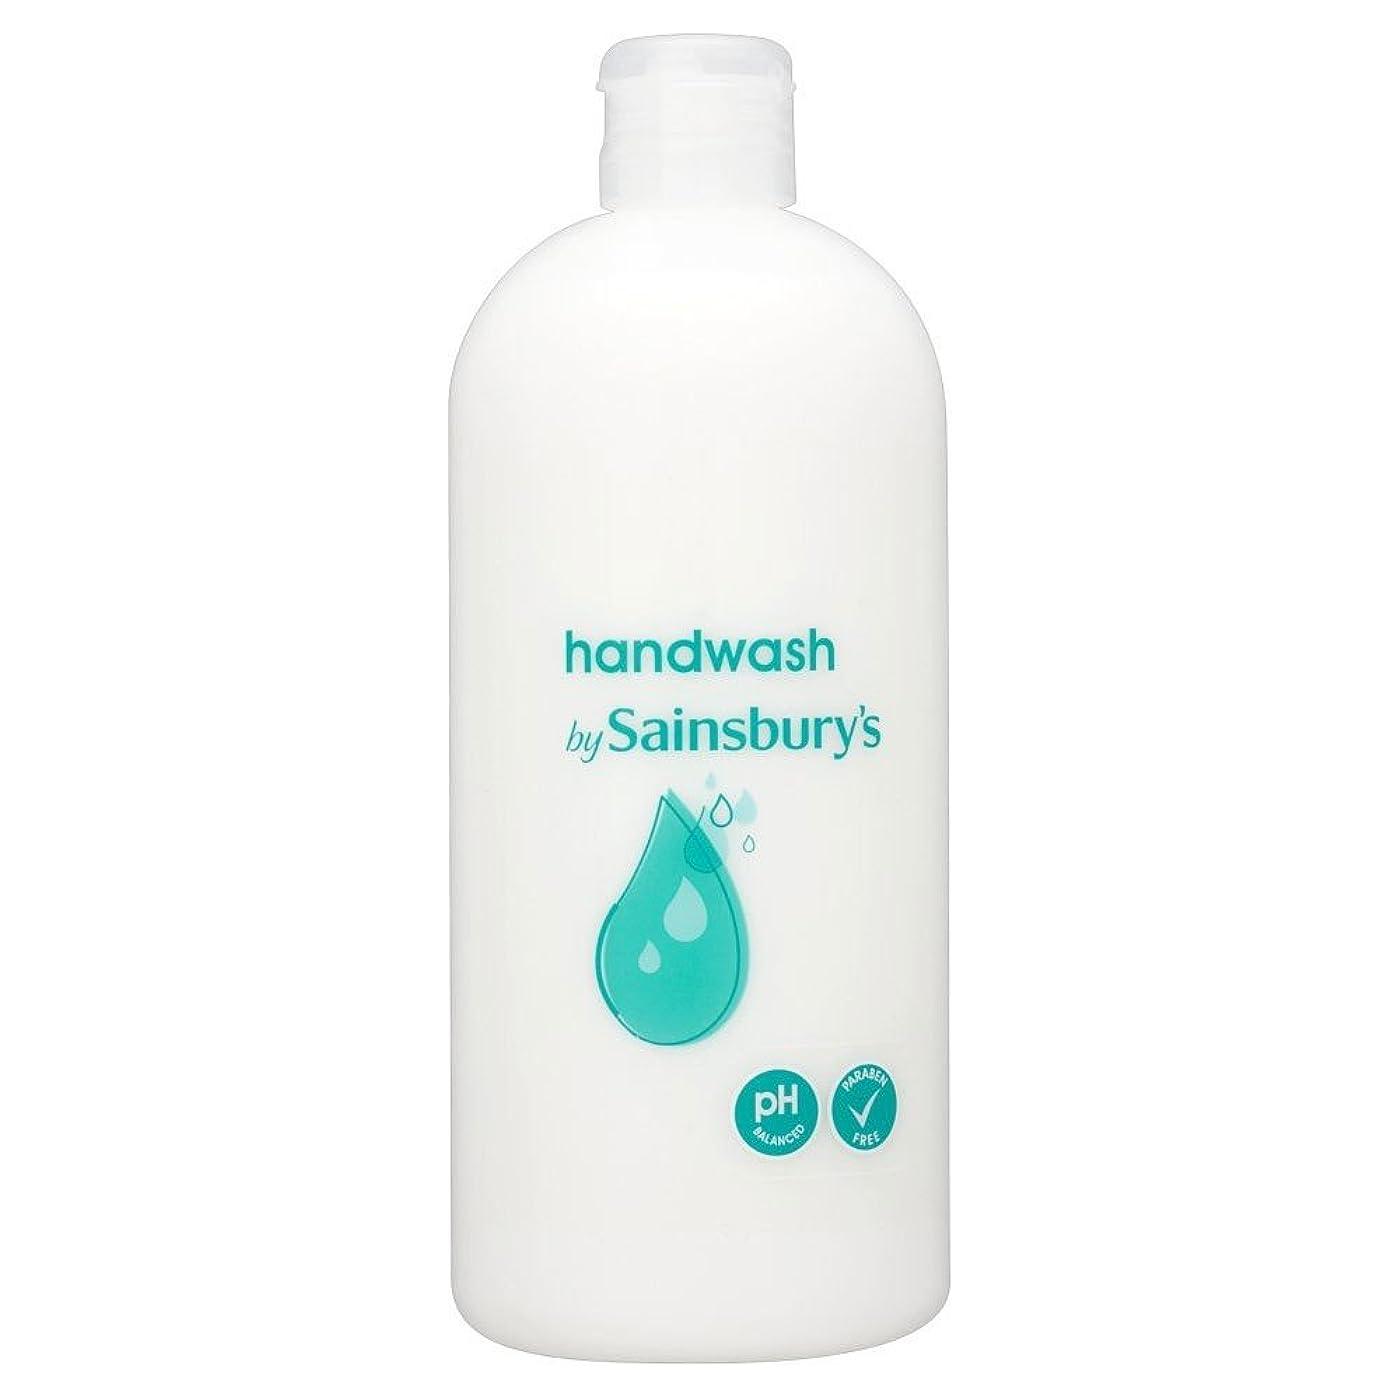 噴火祝う仮説Sainsbury's Handwash, White Refill 500ml (Pack of 4) - (Sainsbury's) 手洗い、白リフィル500ミリリットル (x4) [並行輸入品]